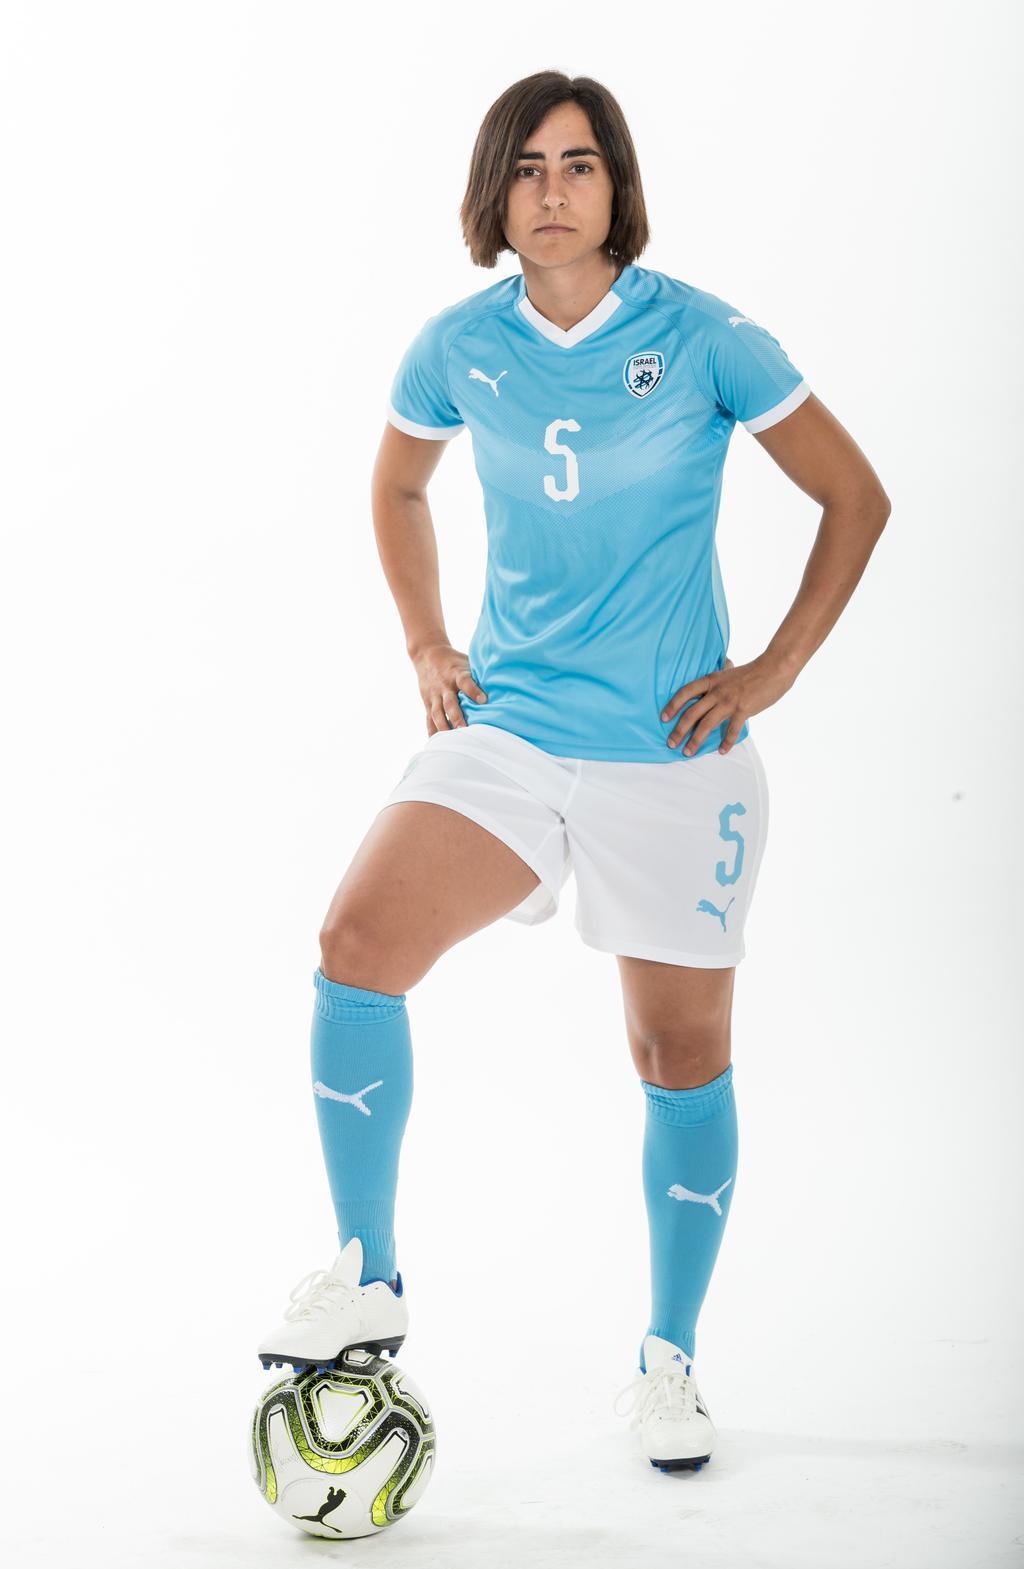 שי שדה, קפטנית נבחרת ישראל בכדורגל. צילום: ההתאחדות לכדורגל